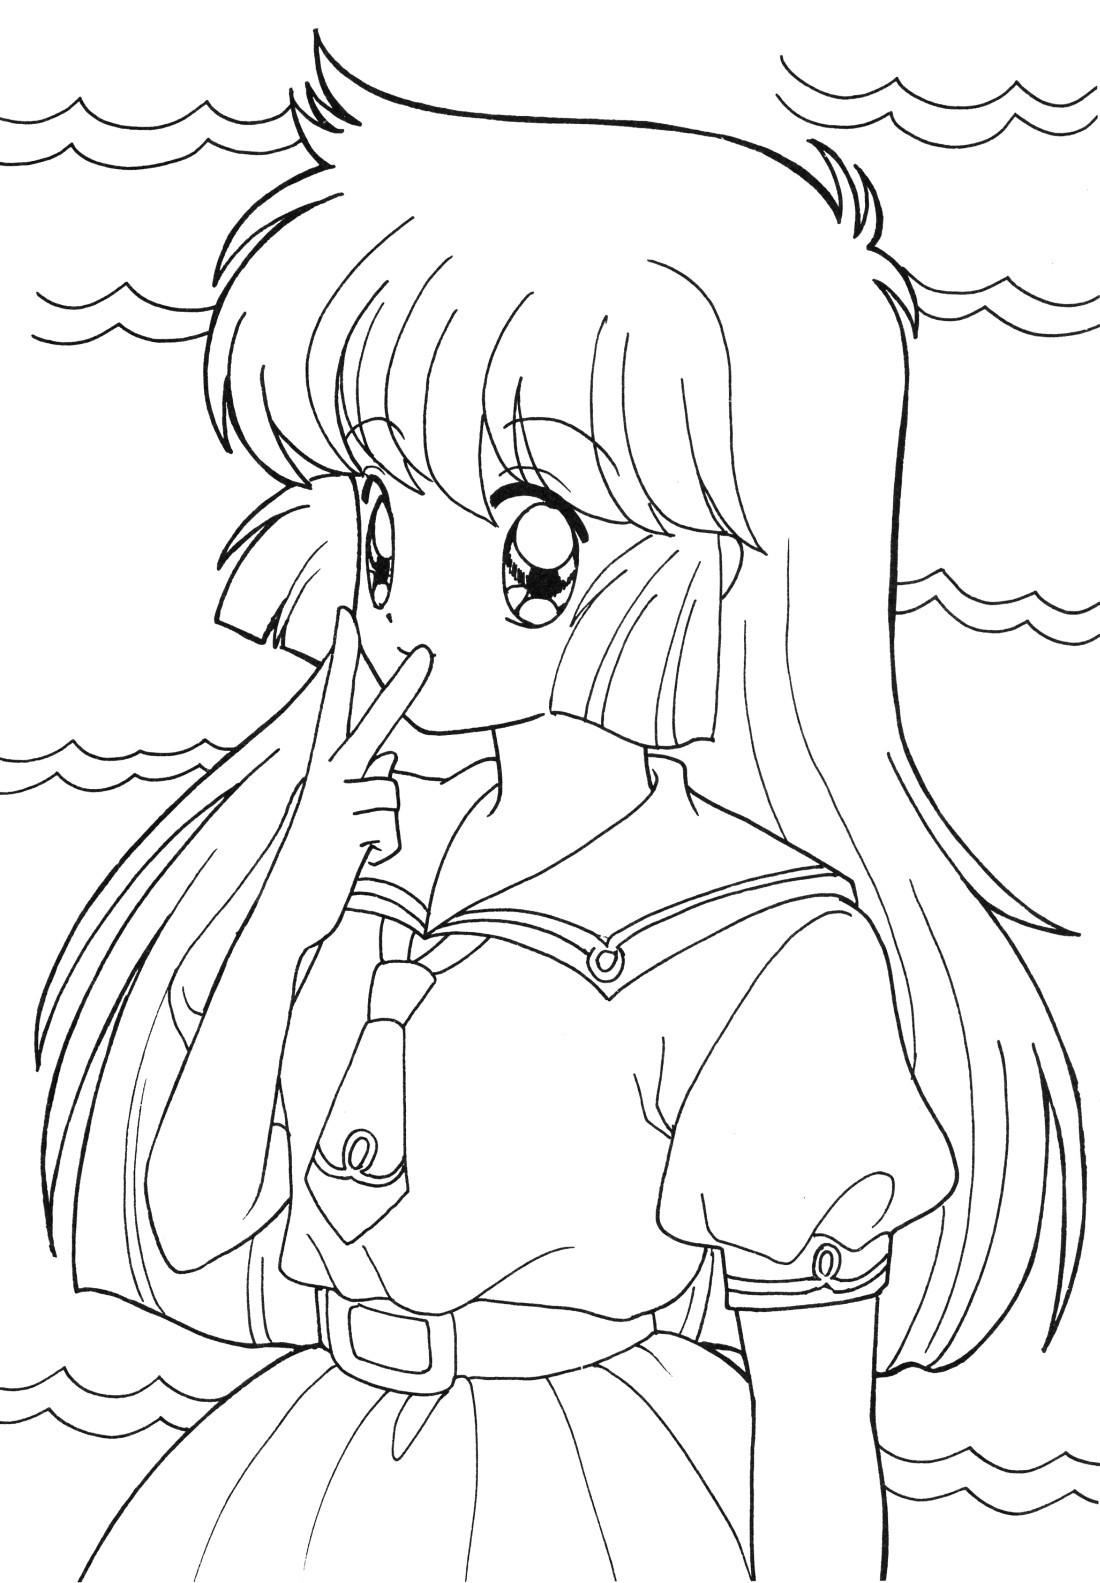 Tranh tô màu anime thủy thủ mặt trăng đẹp nhất